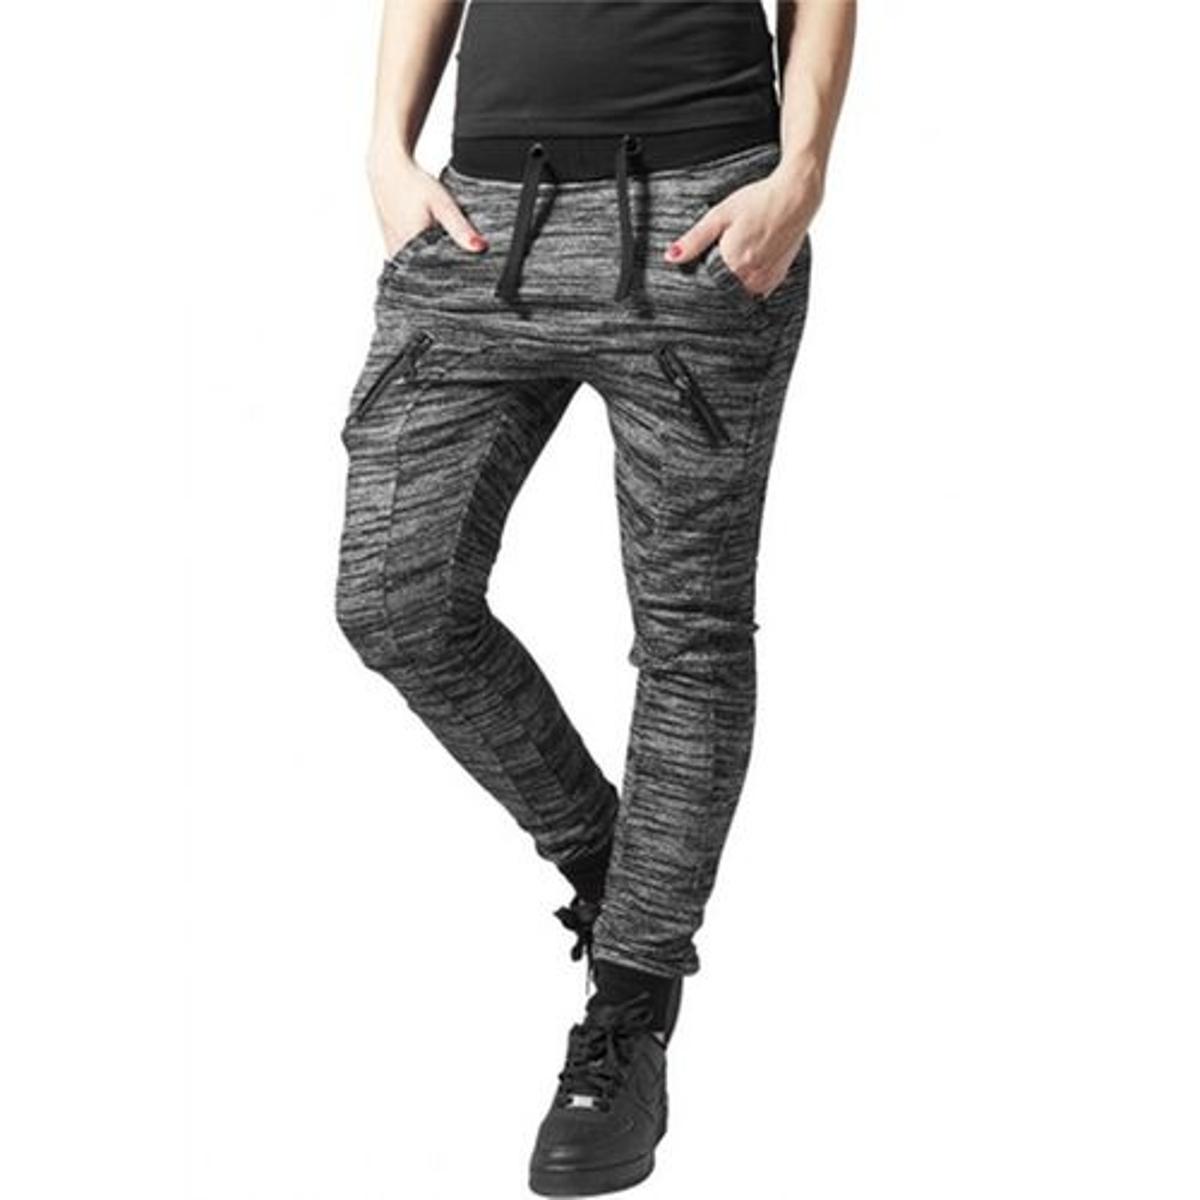 Bas de jogging chiné avec poches zippées